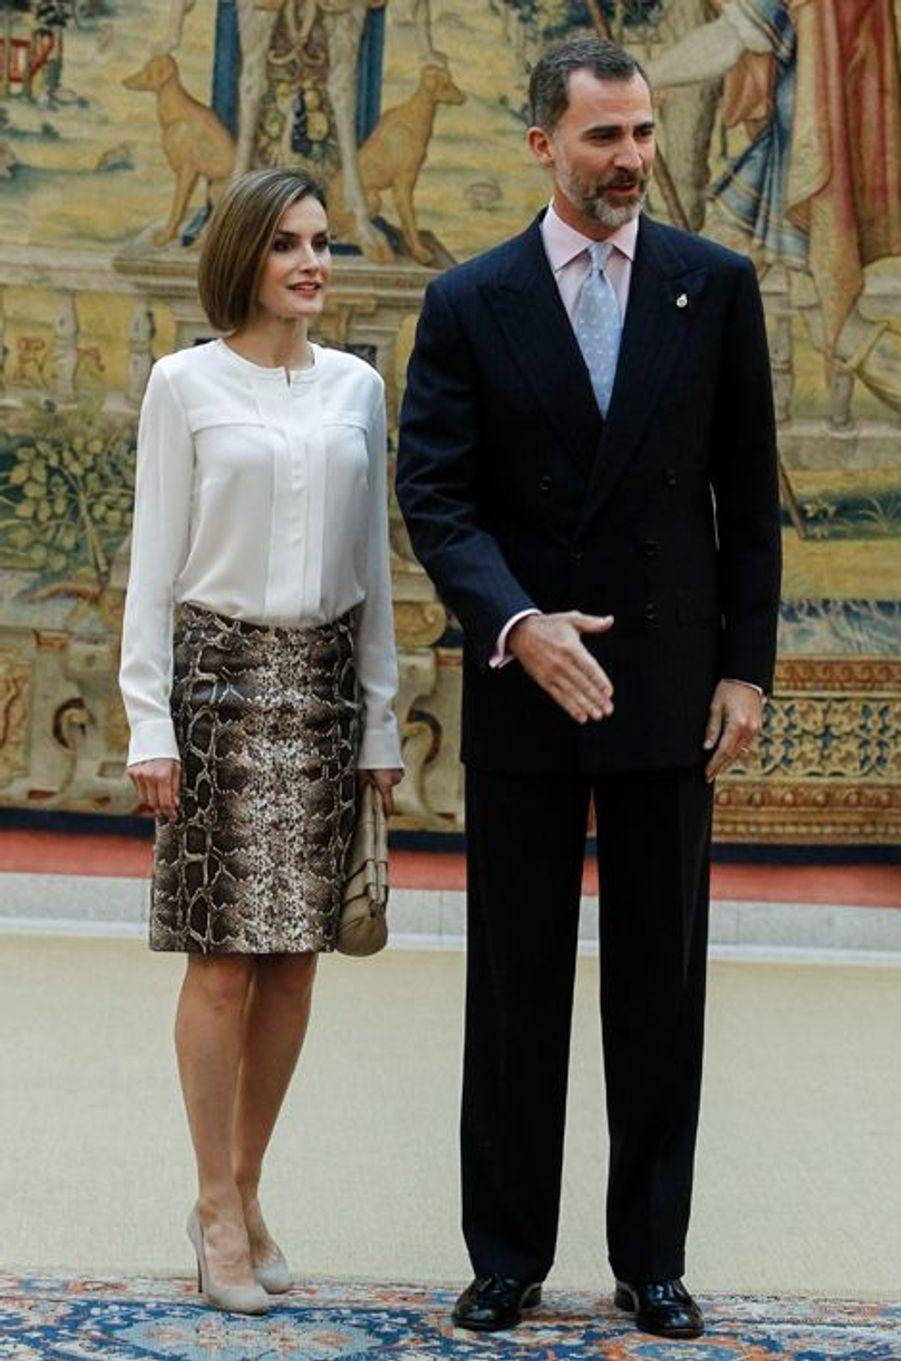 La reine Letizia et le roi Felipe VI d'Espagne au palais du Pardo à Madrid, le 22 juin 2015